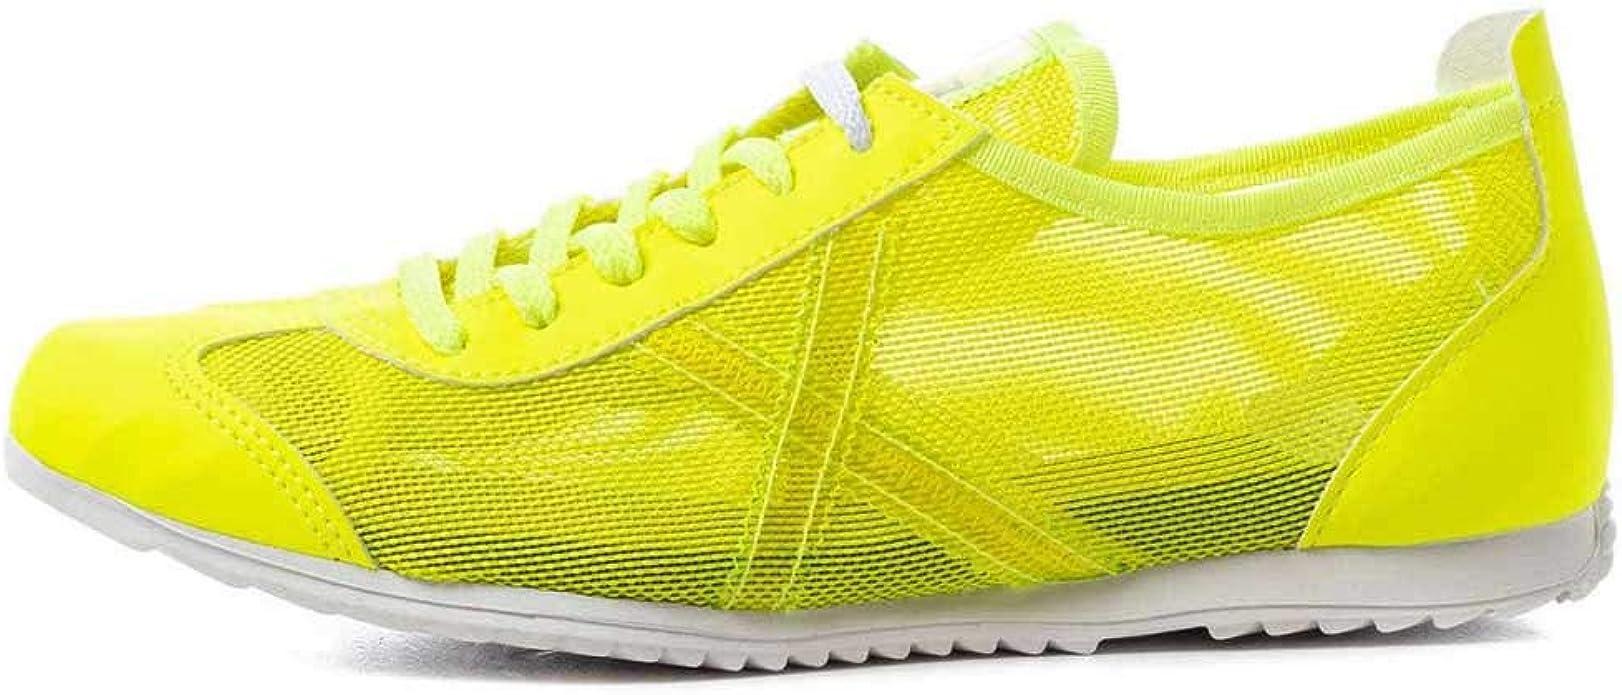 Zapatilla Munich Osaka 427 Amarillo Neon: Amazon.es: Zapatos y complementos